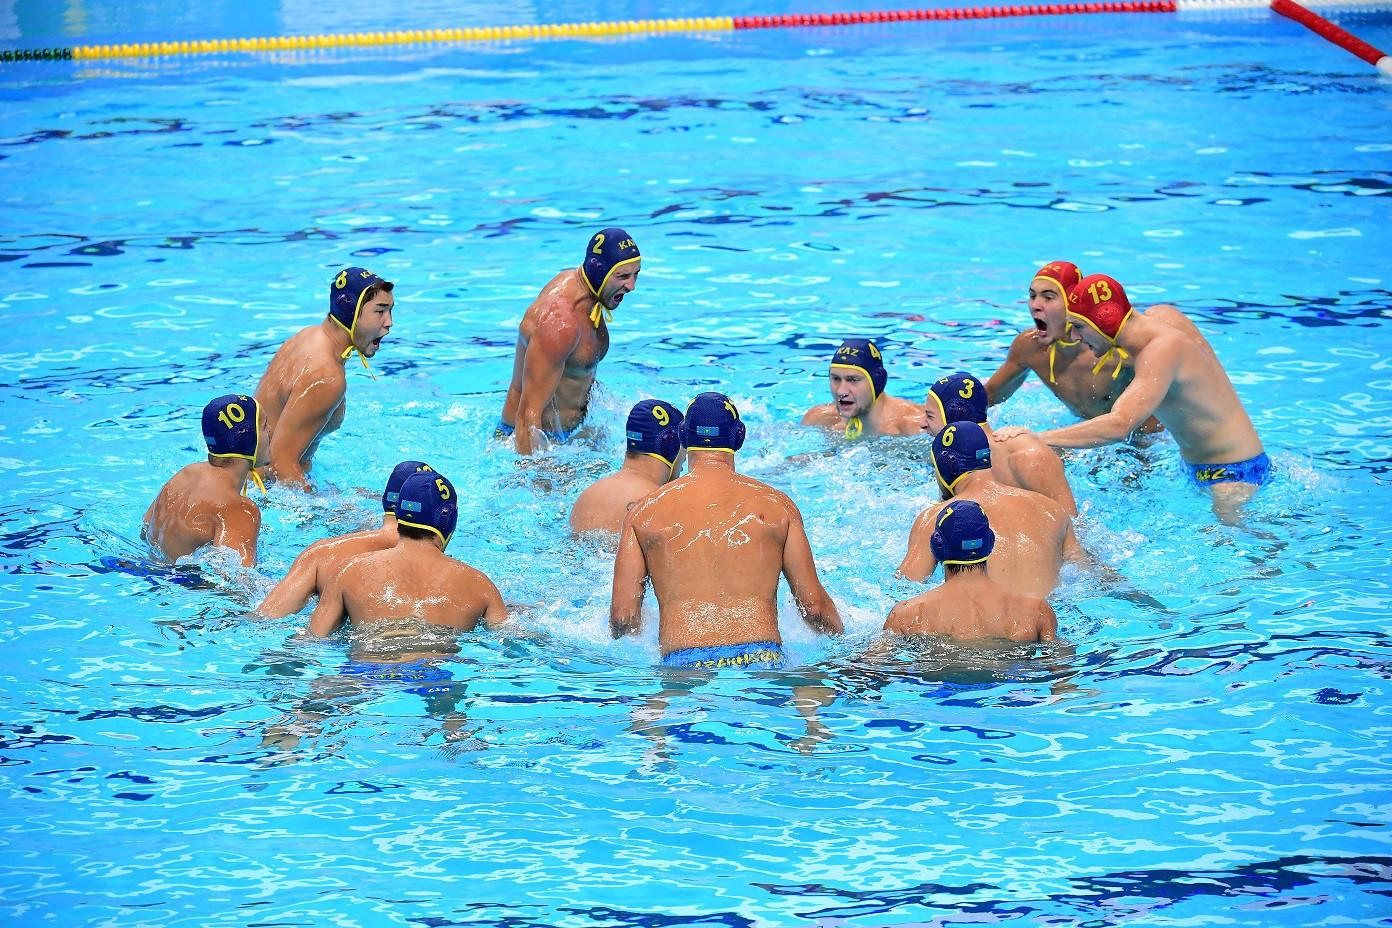 Мужская команда Казахстана по водному поло вышла в 1/4 финала Мировой лиги